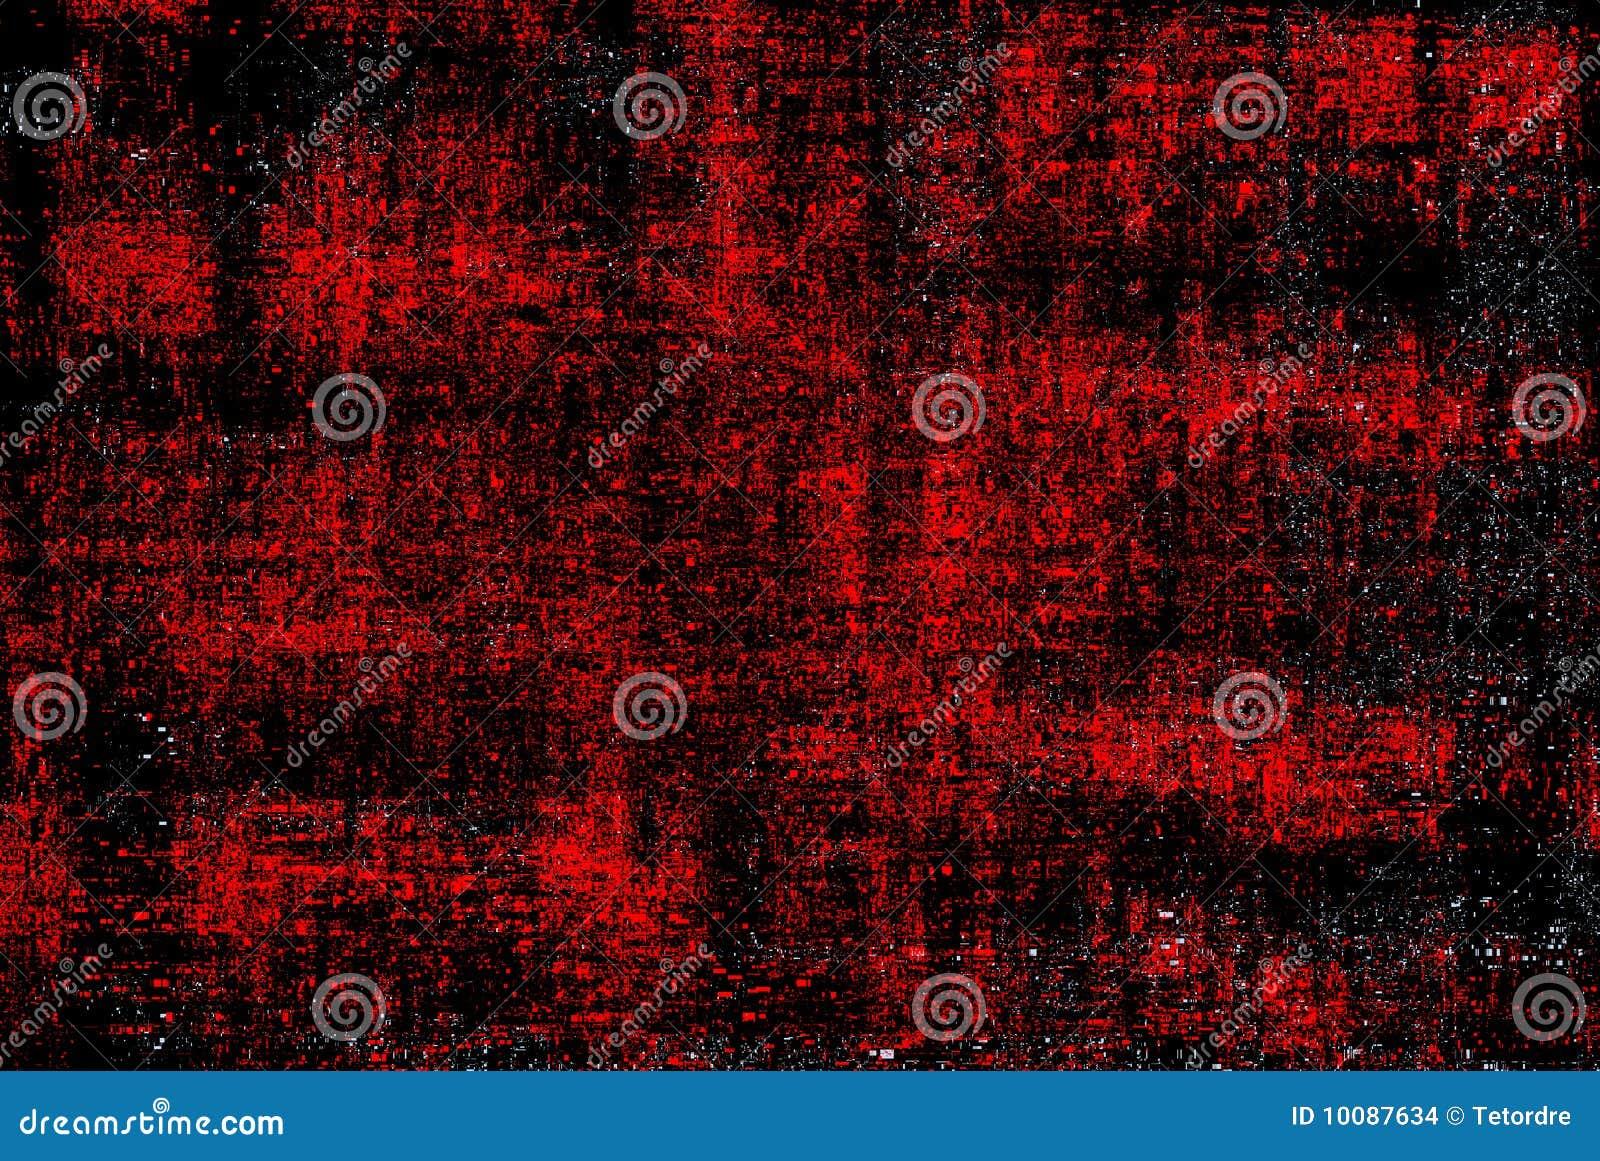 Abstrakter Hintergrund, Rot, Weiß, Schwarz Stockbilder - Bild ...